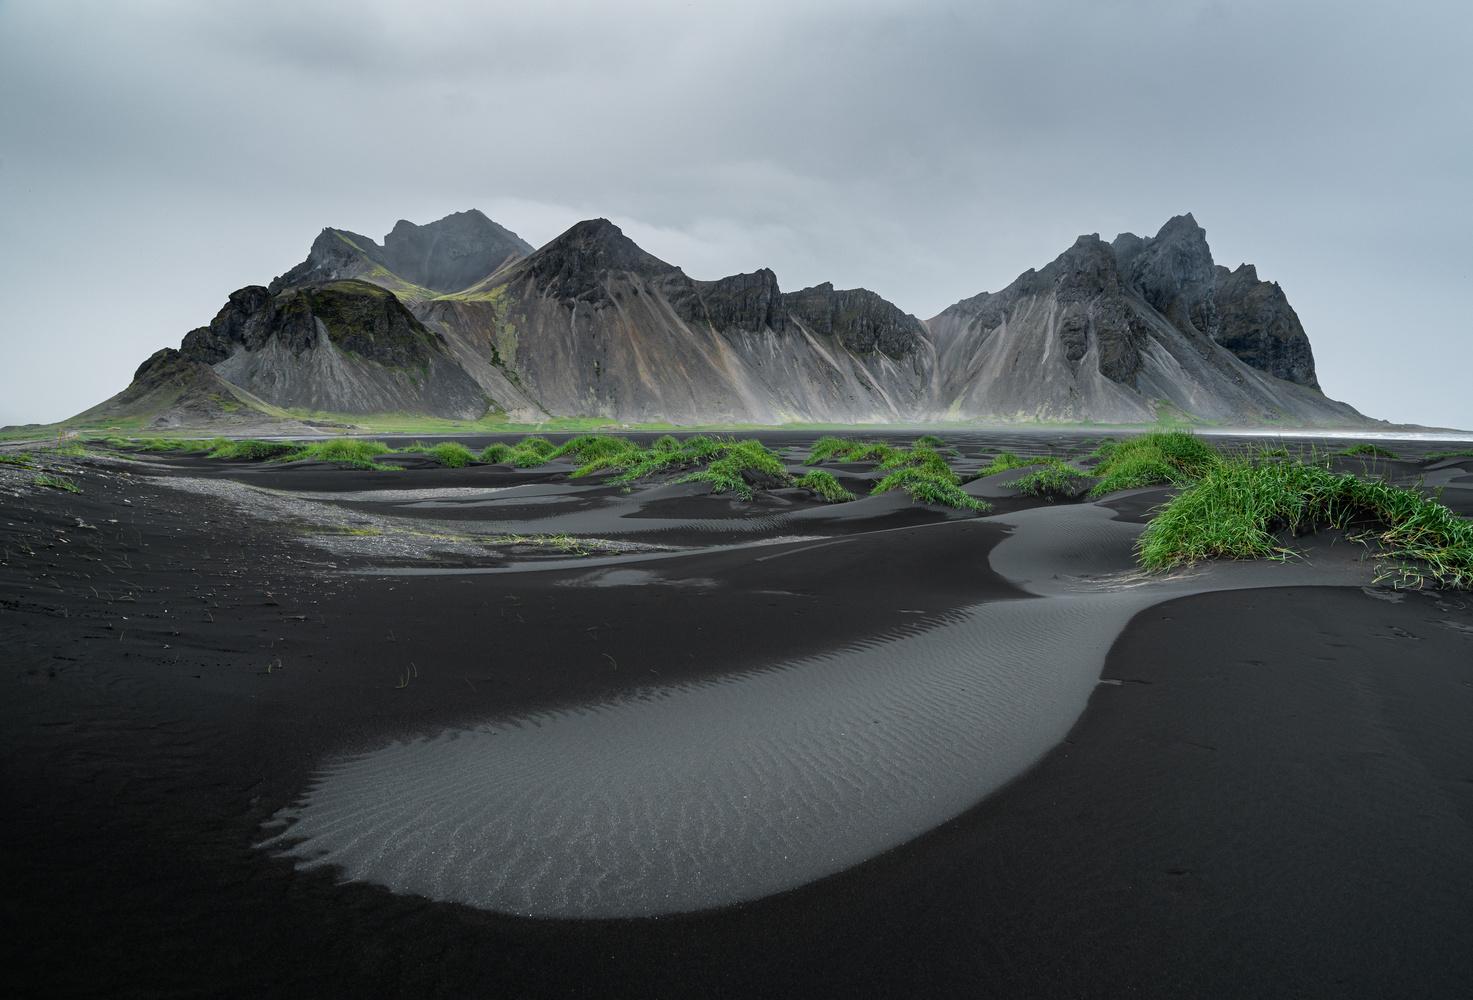 Black beach and mountains by Maciej Karpinski